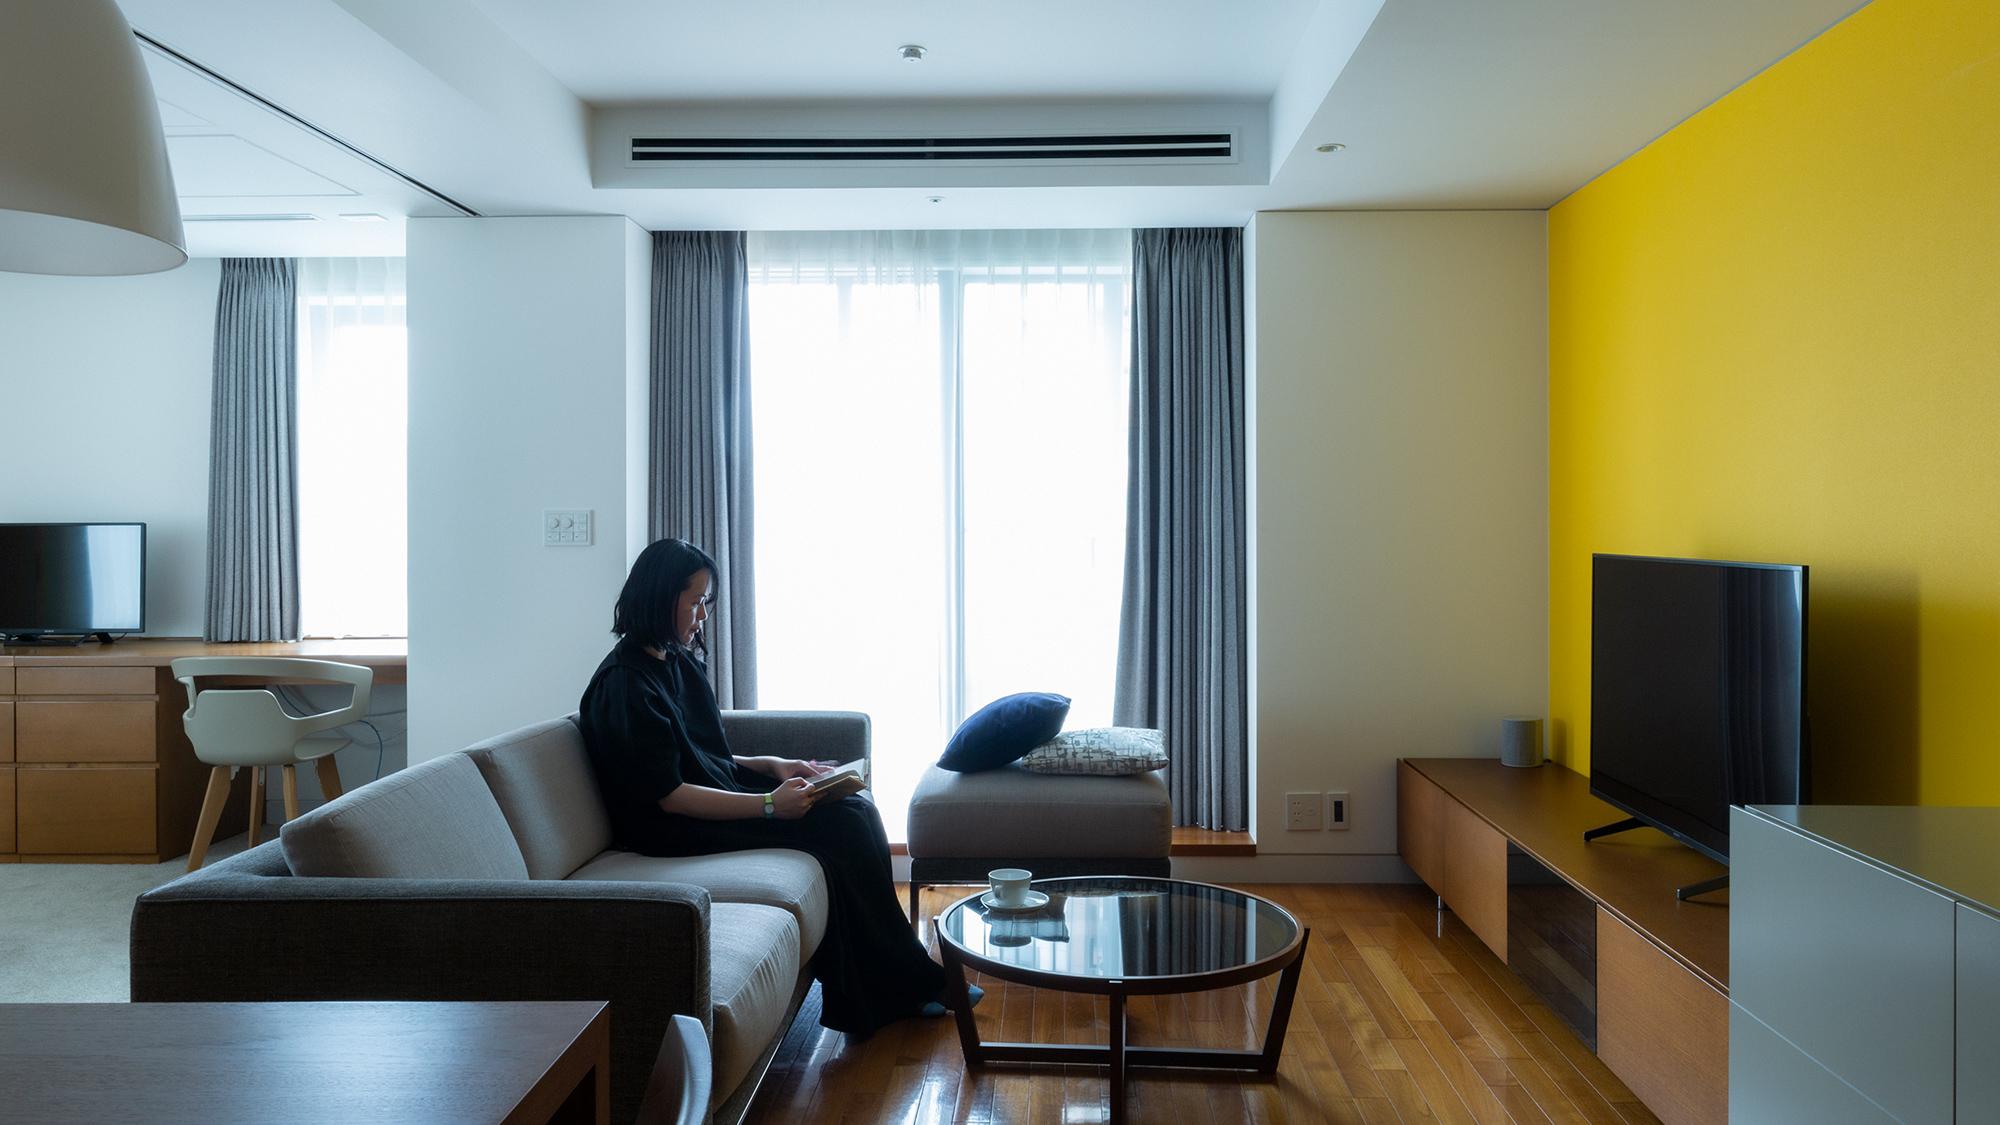 都心の真ん中で静寂と緑を満喫する——六本木ヒルズ サービスアパートメント体験リポート②